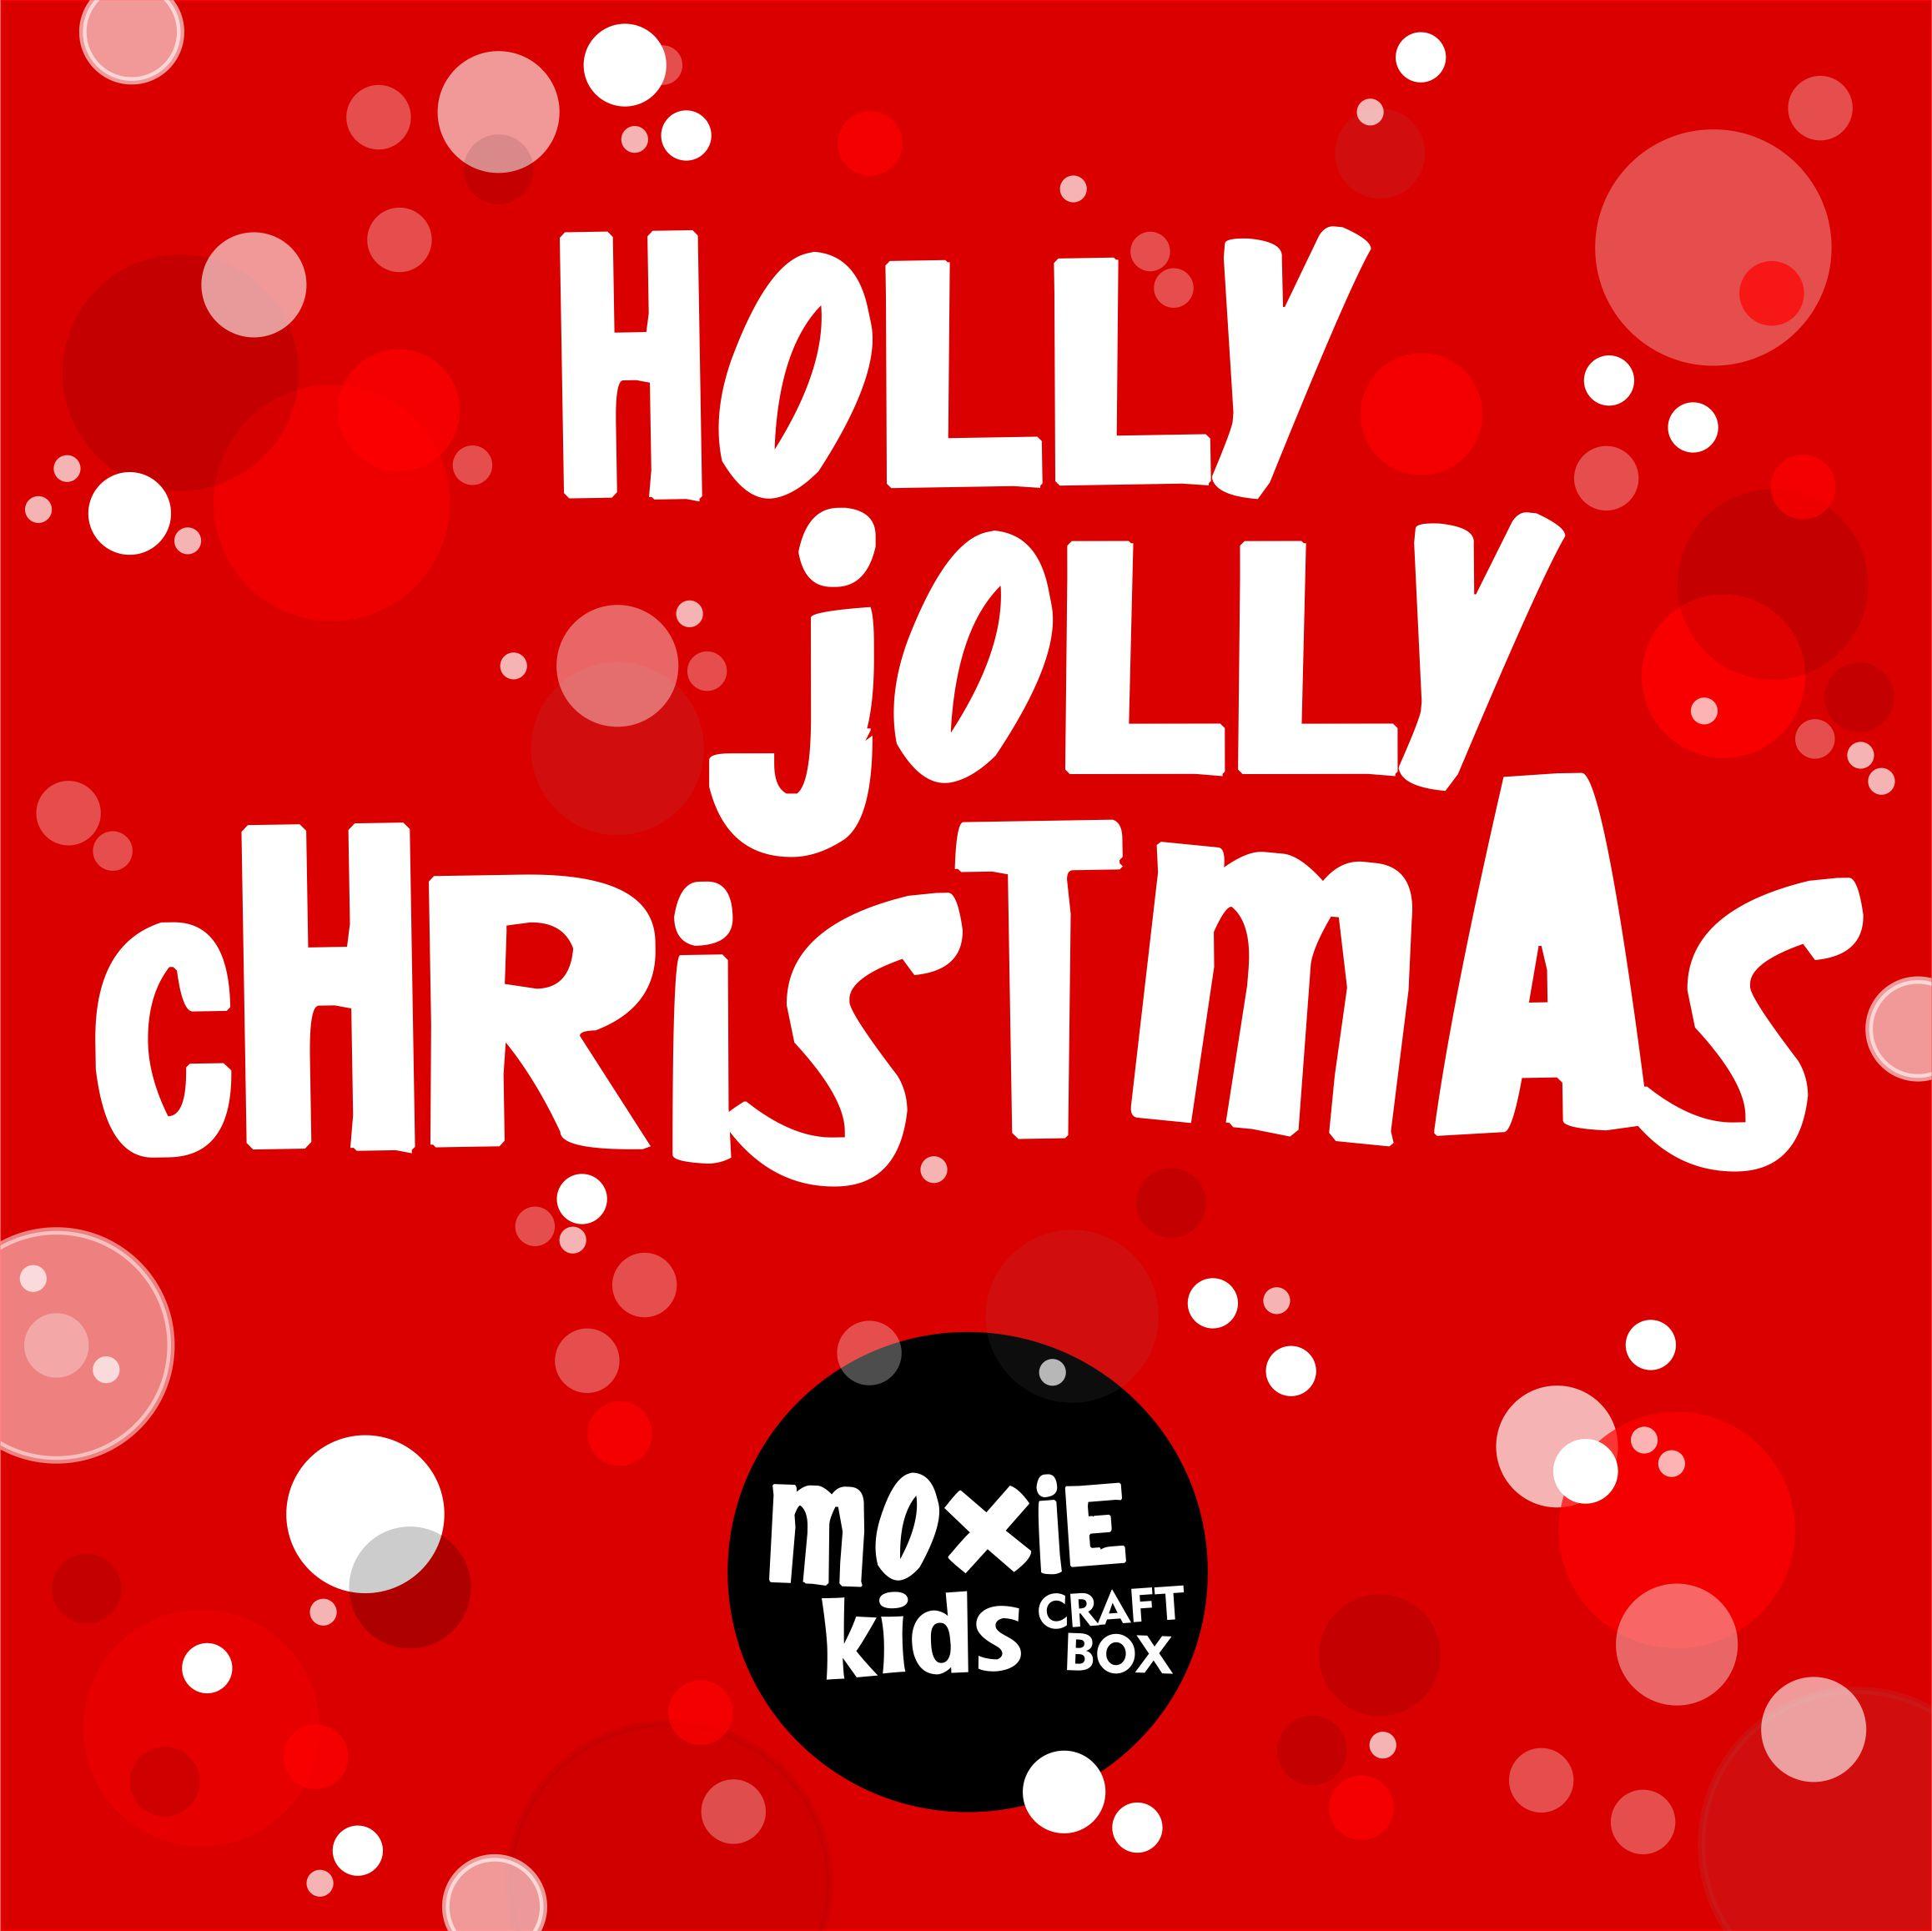 http://www.moxiekids.co.za/wp-content/uploads/2019/11/Moxie-Kids-IG-229.jpg